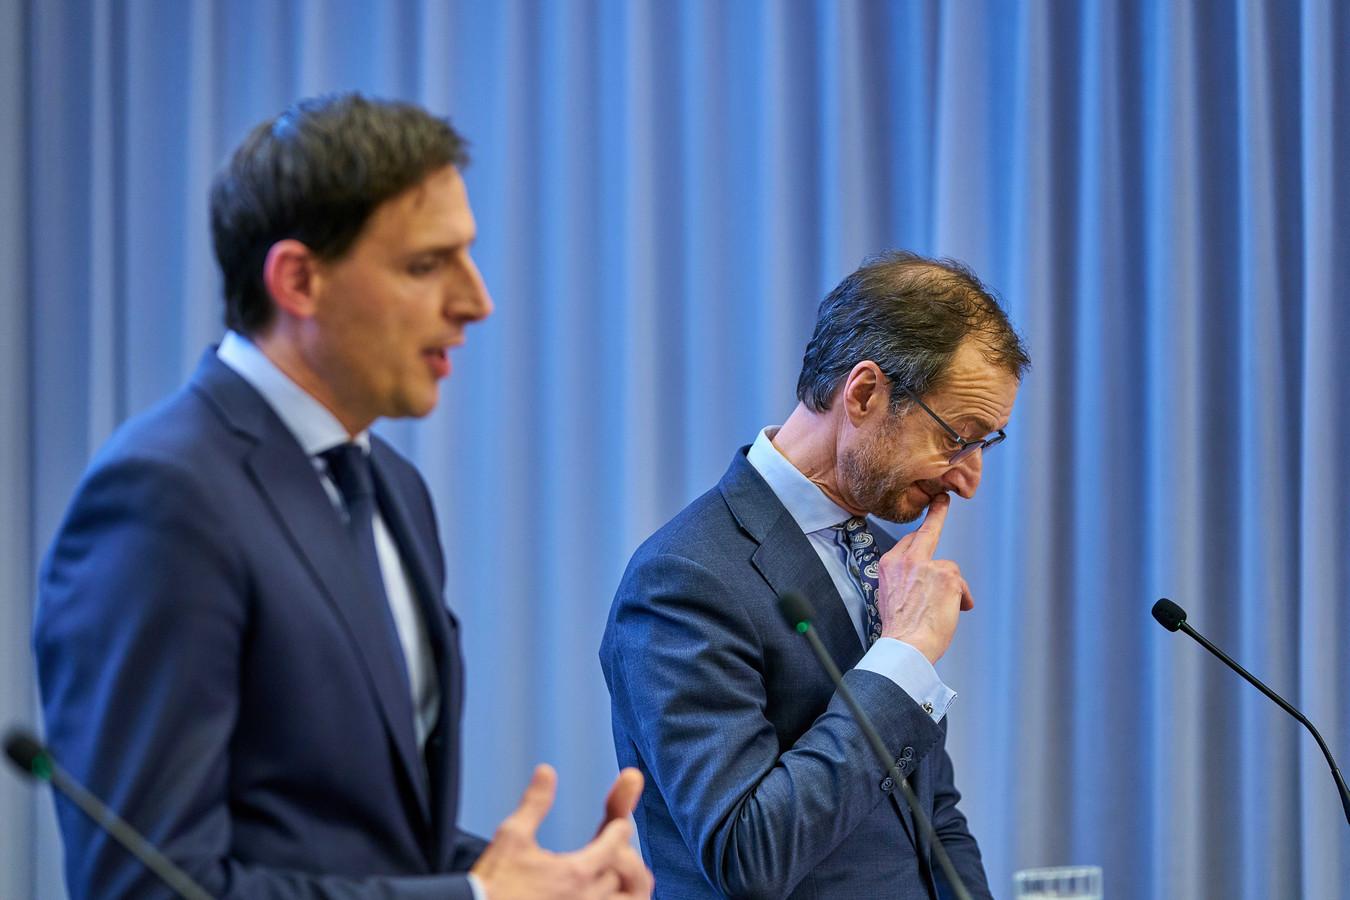 De ministers Eric Wiebes (Economische Zaken), Wopke Hoekstra (Financien) en Wouter Koolmees (Sociale Zaken en Werkgelegenheid) tijdens een persconferentie op het ministerie van Justitie en Veiligheid over de steunmaatregelen voor bedrijven in coronacrisis.